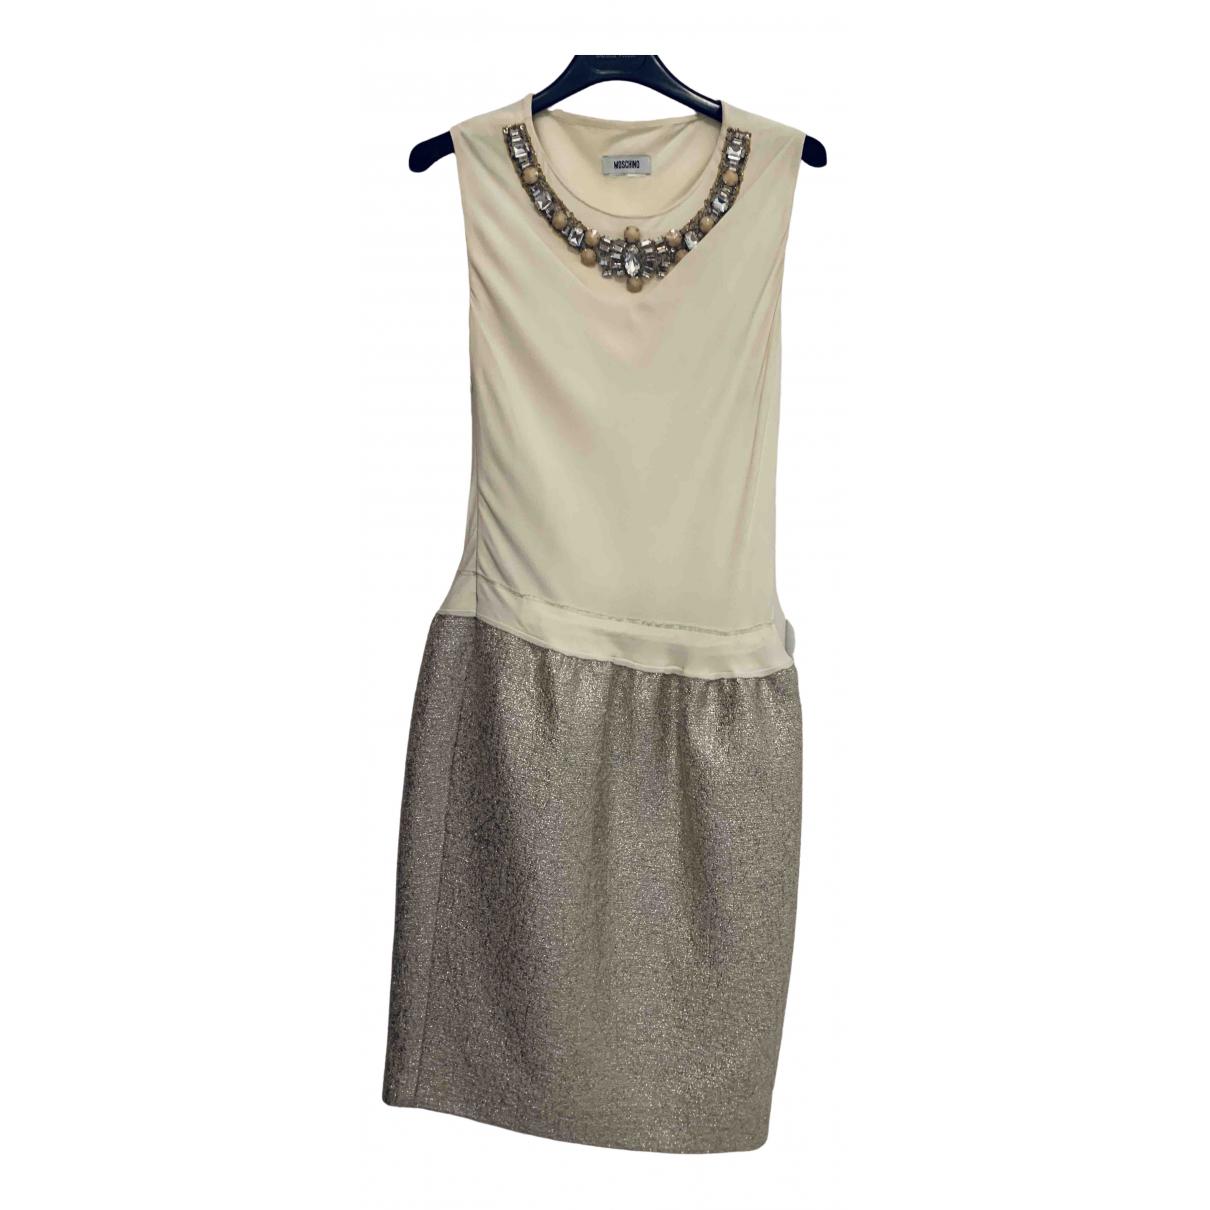 Moschino \N Kleid in  Beige Viskose